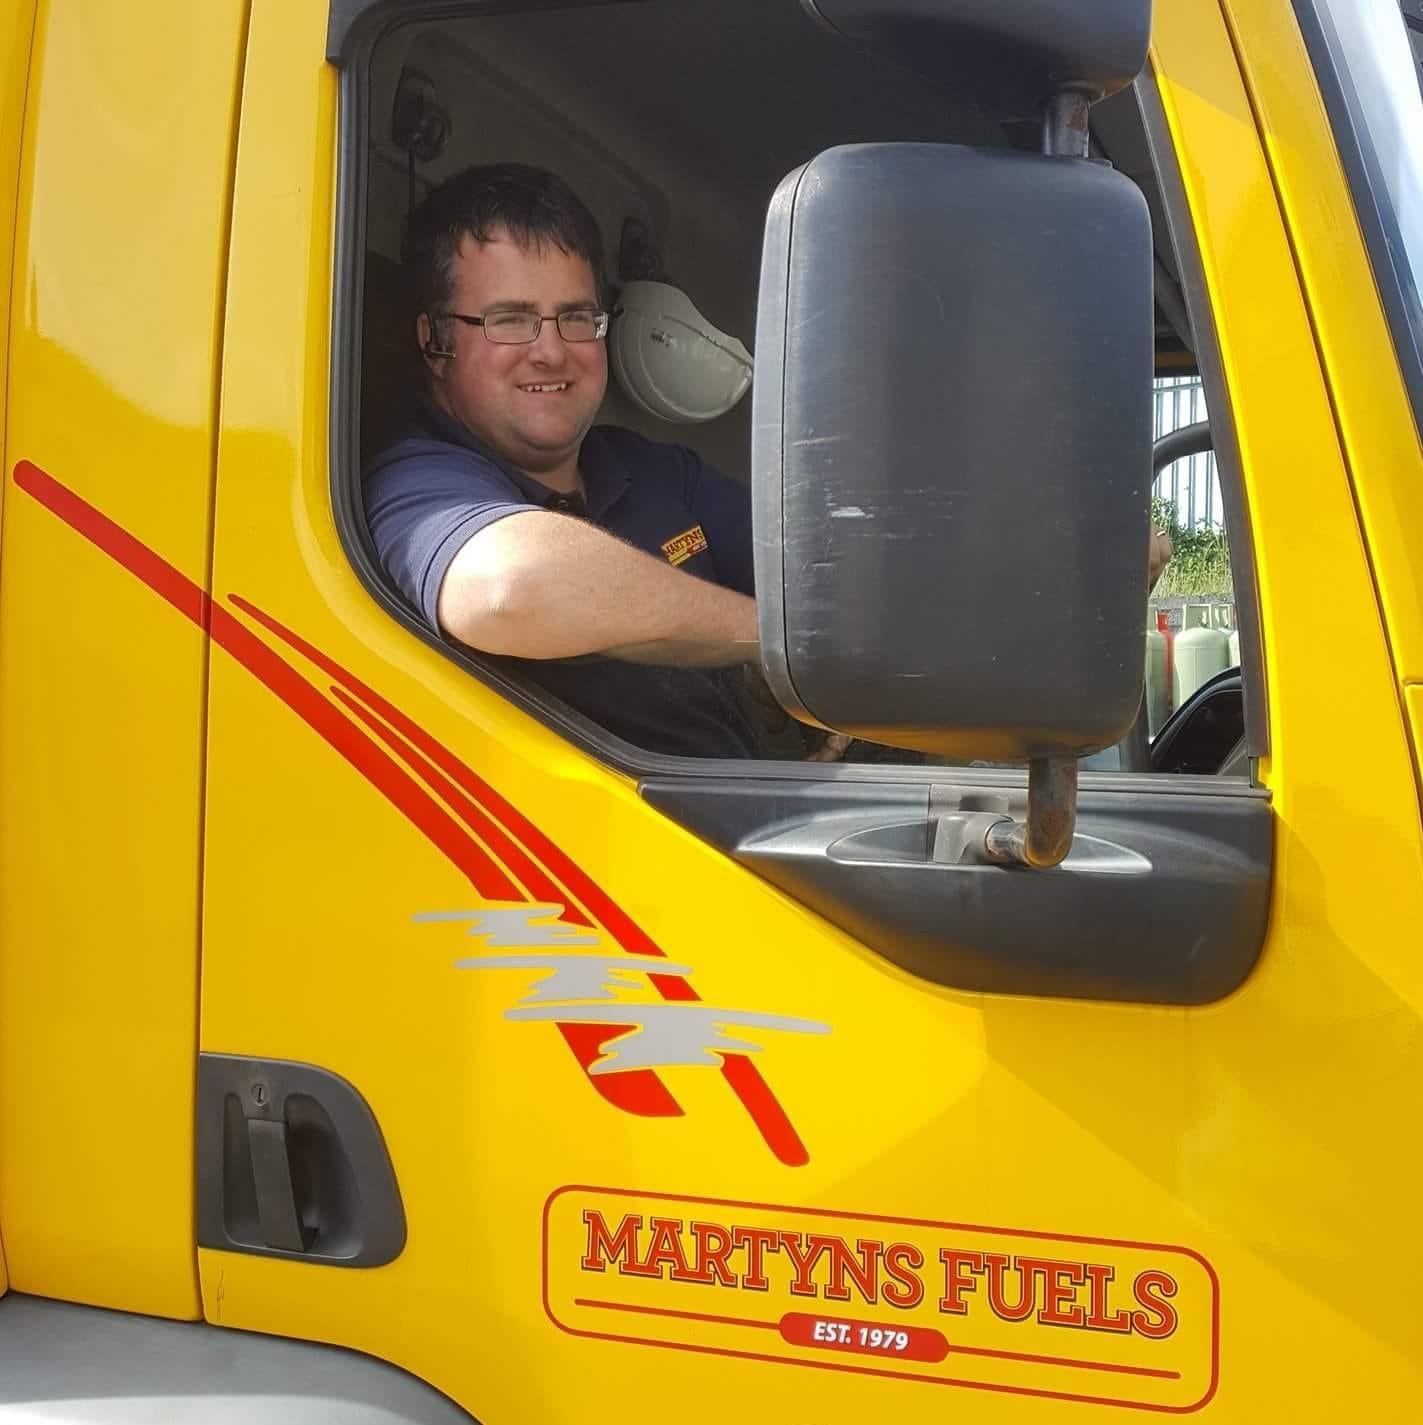 martyns fuels